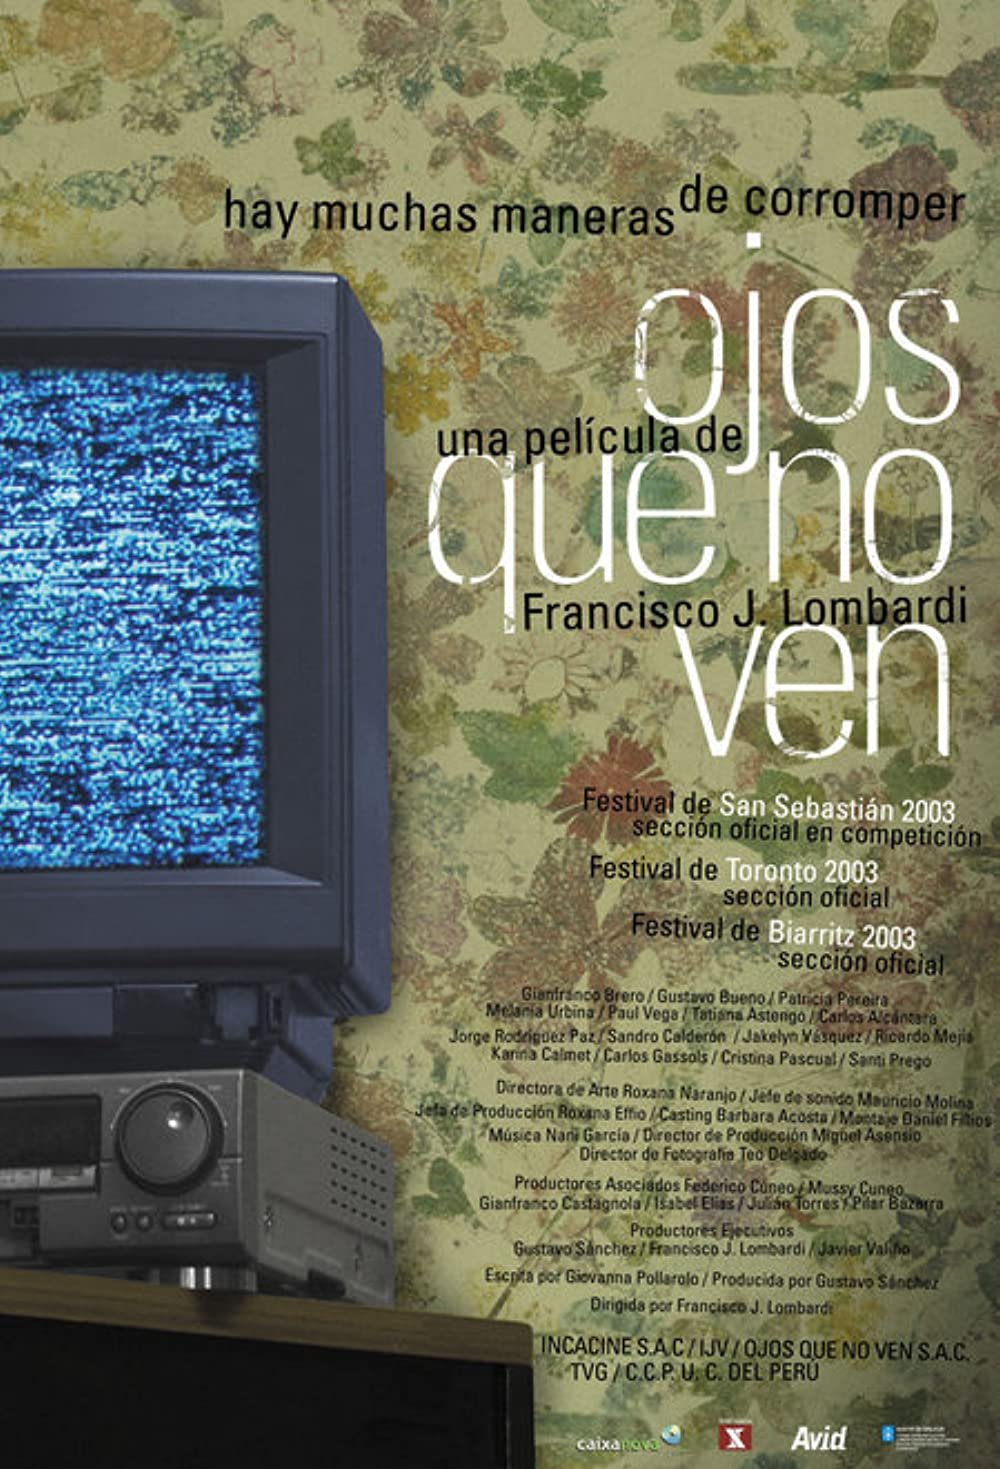 Ojos Que No Ven 2003 Imdb